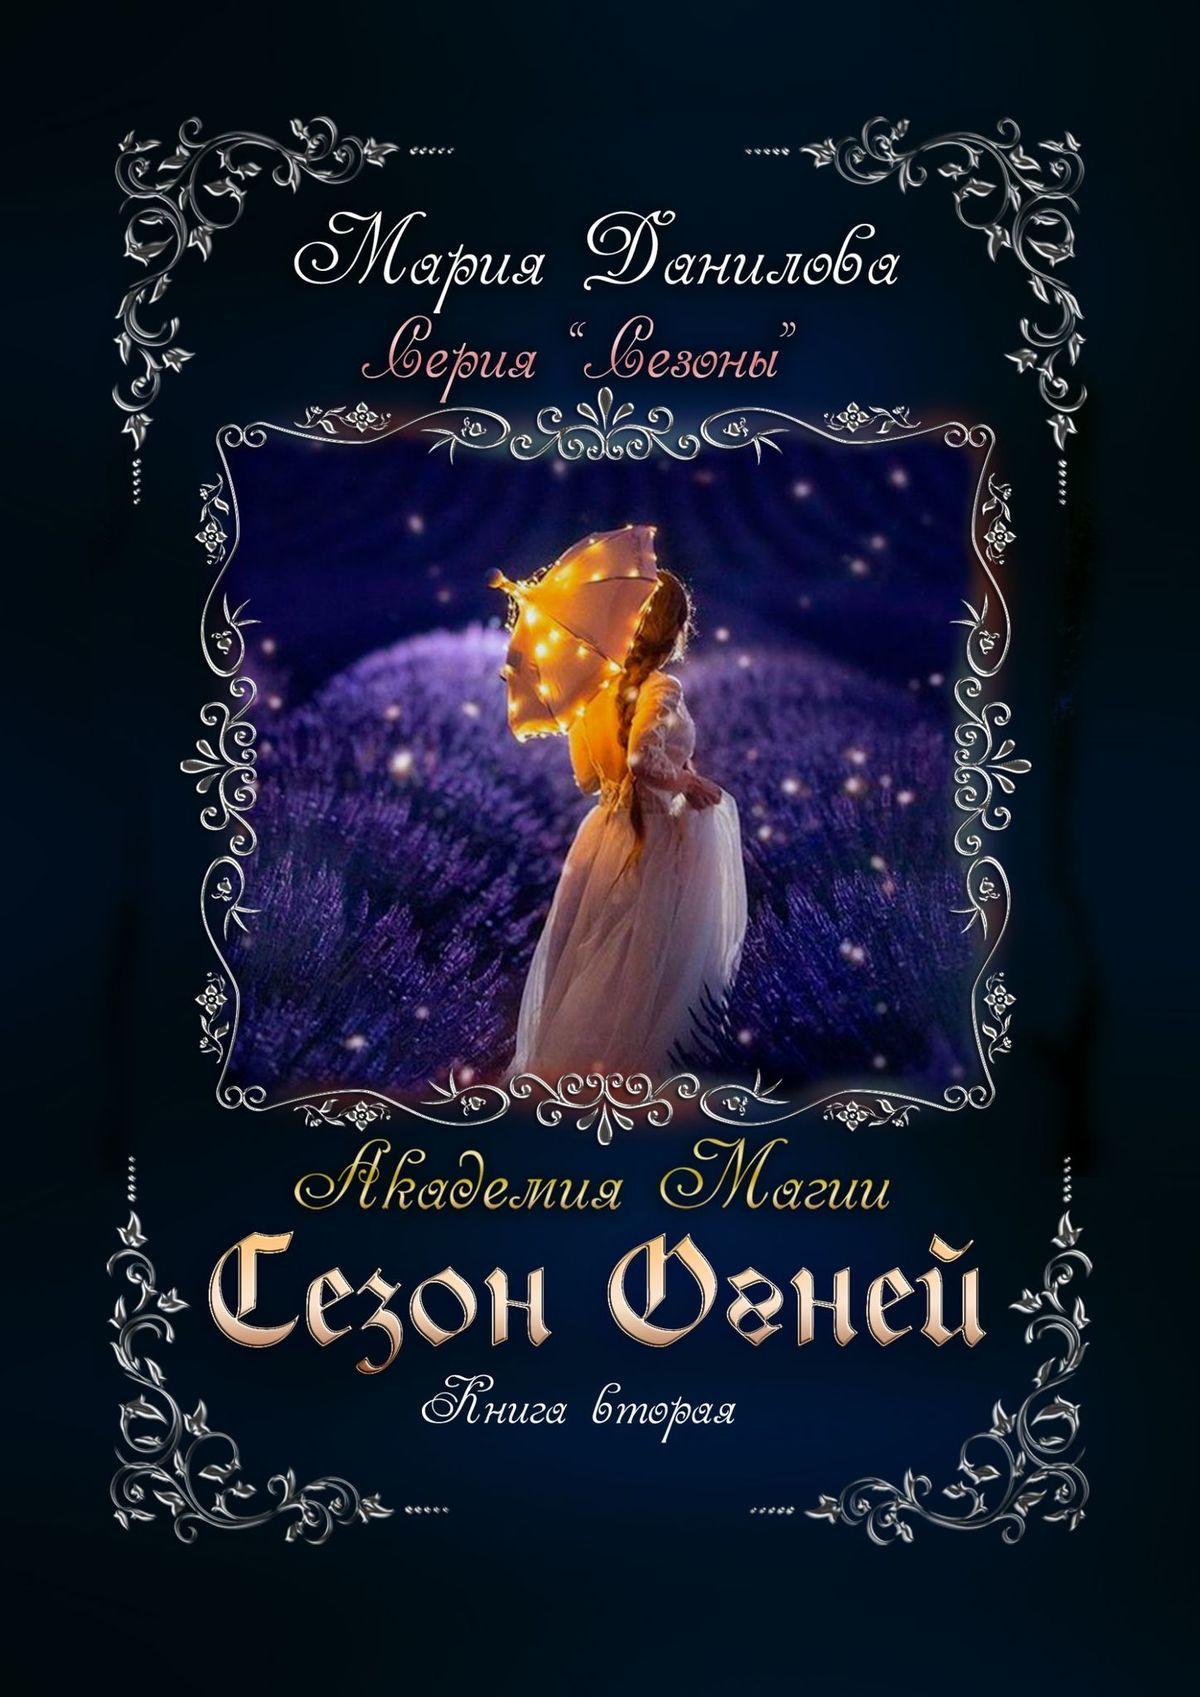 Мария Данилова Сезон огней. Книга вторая. Академия магии азимов а вторая академия